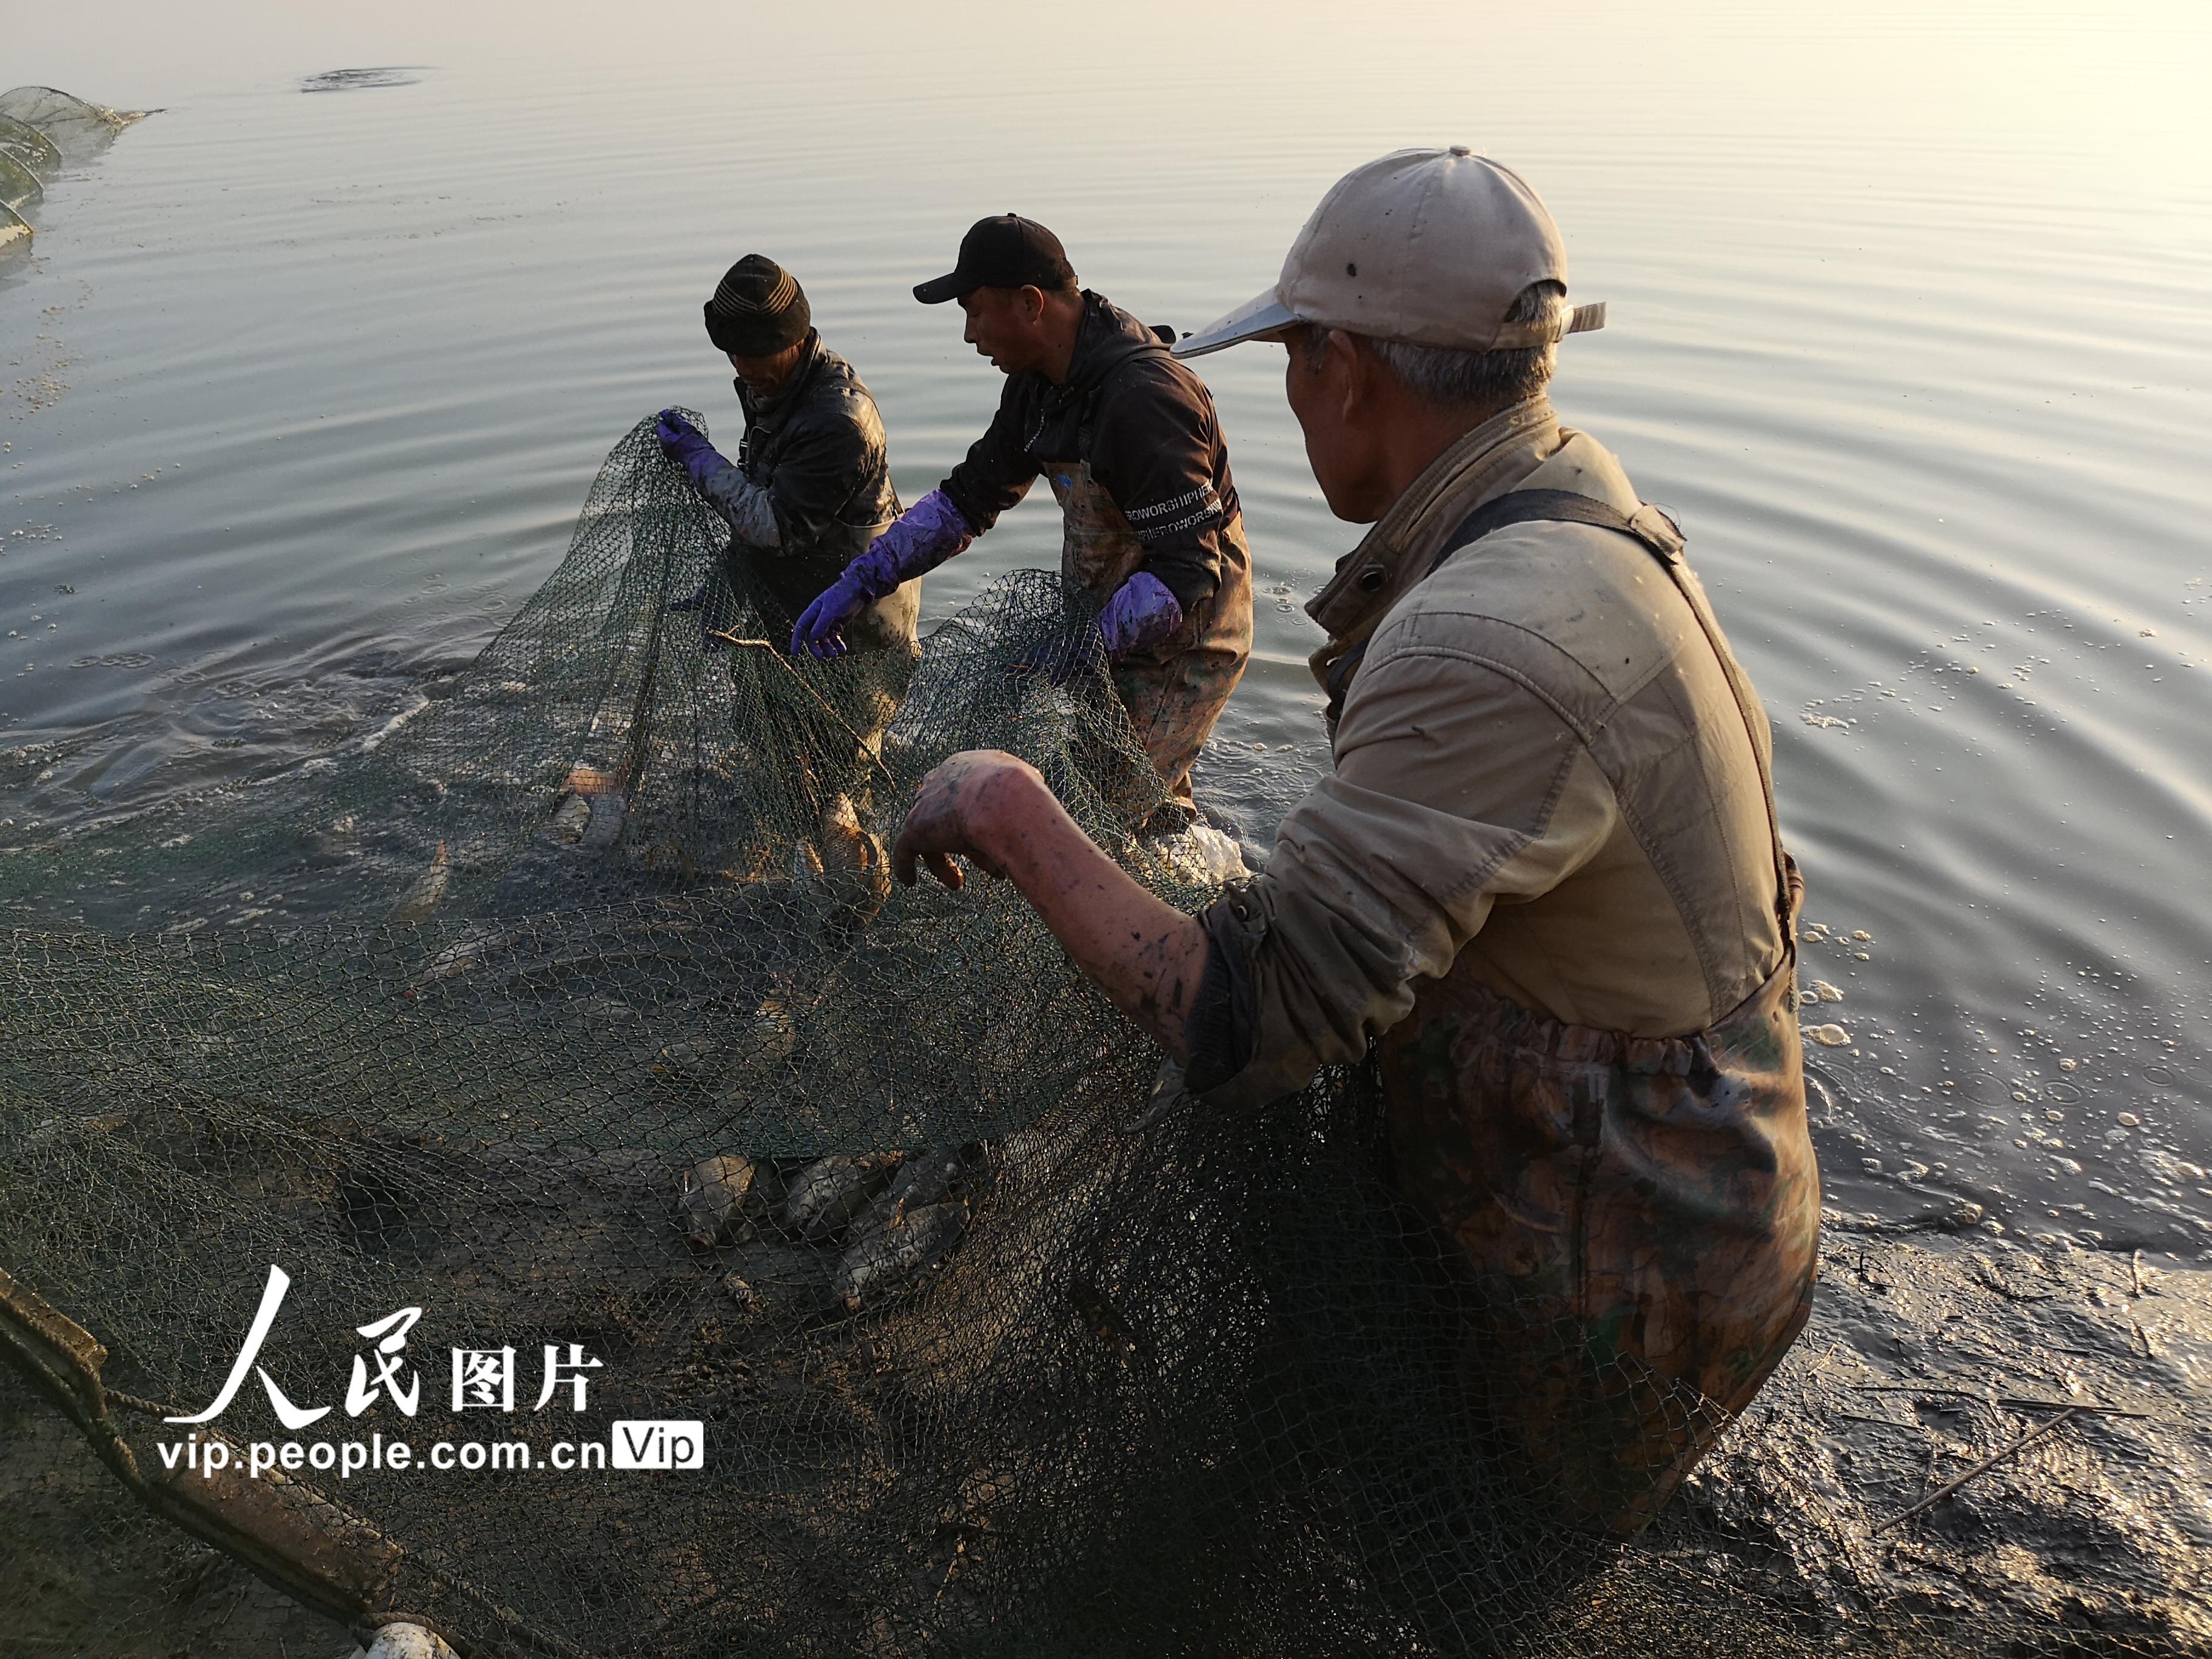 甘肃临泽:农民养鱼助力增收【5】